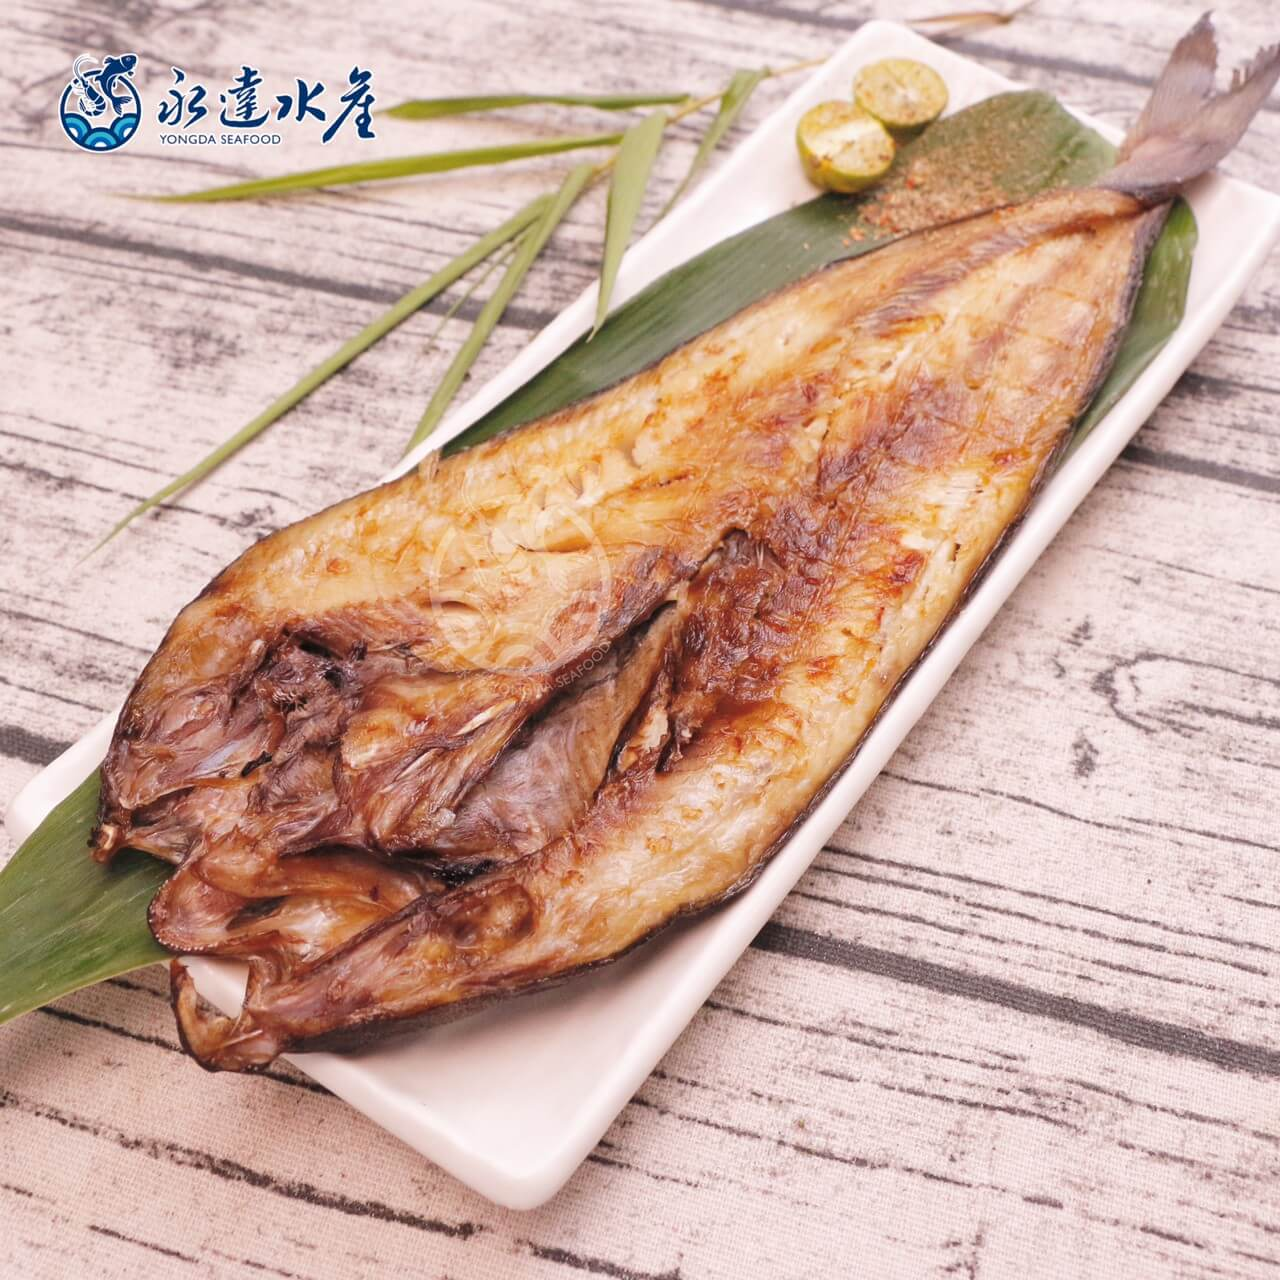 水產|海鮮|北海道花魚一夜乾|花魚一夜乾|花魚|魚